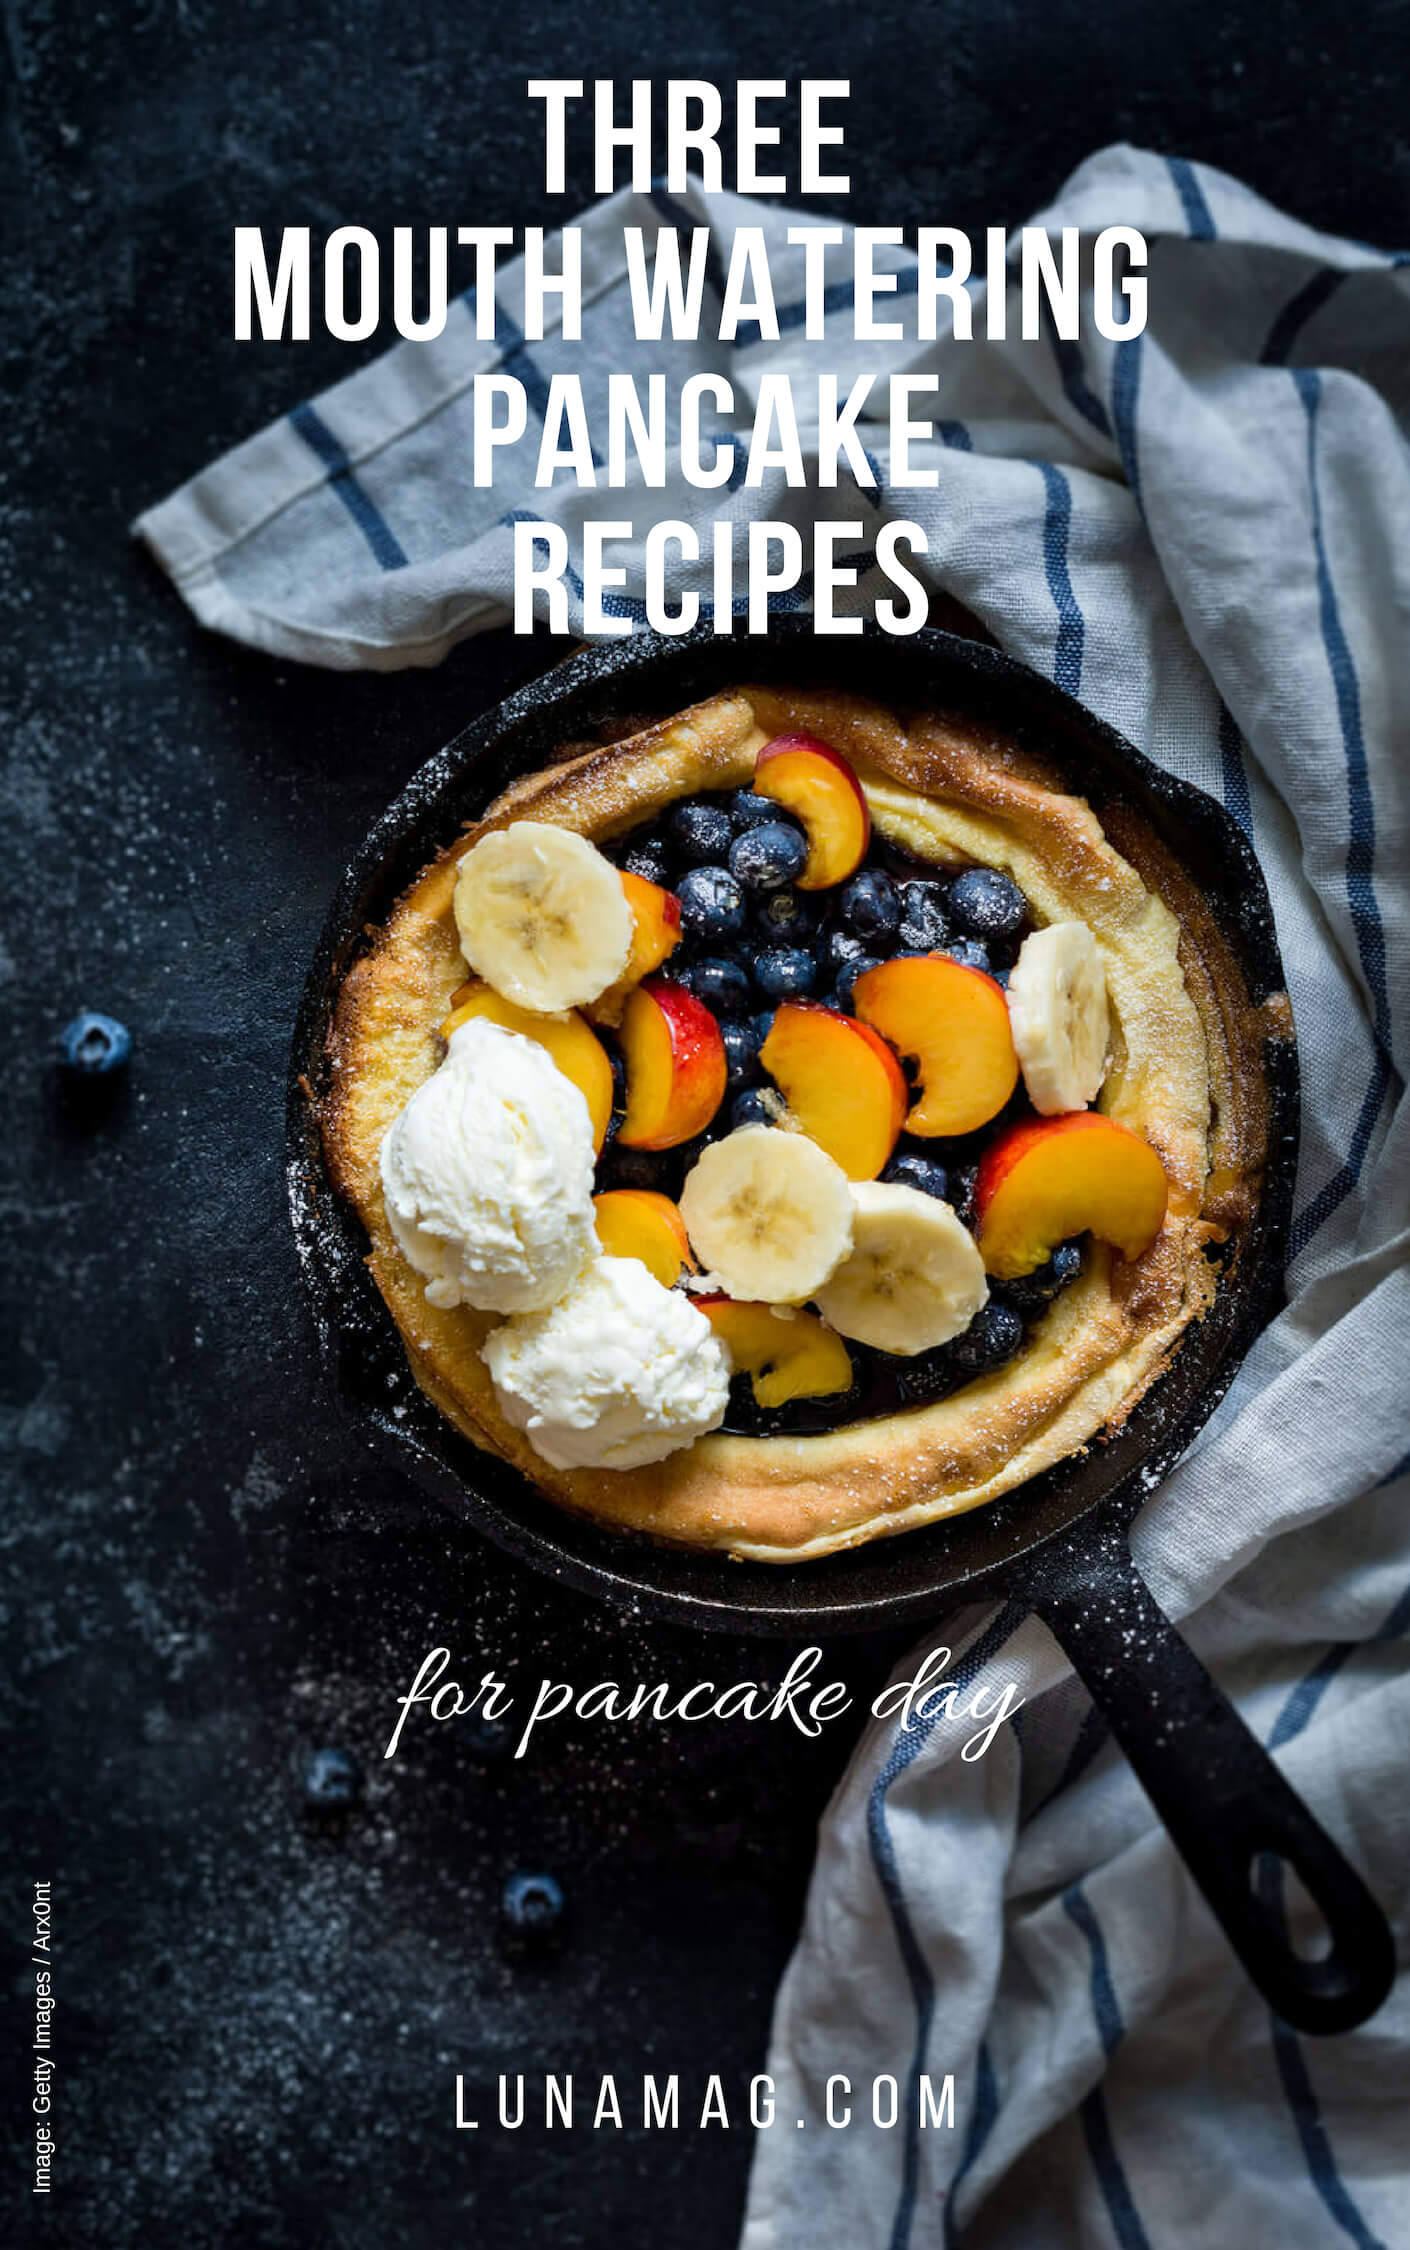 3 mouth watering pancake recipes